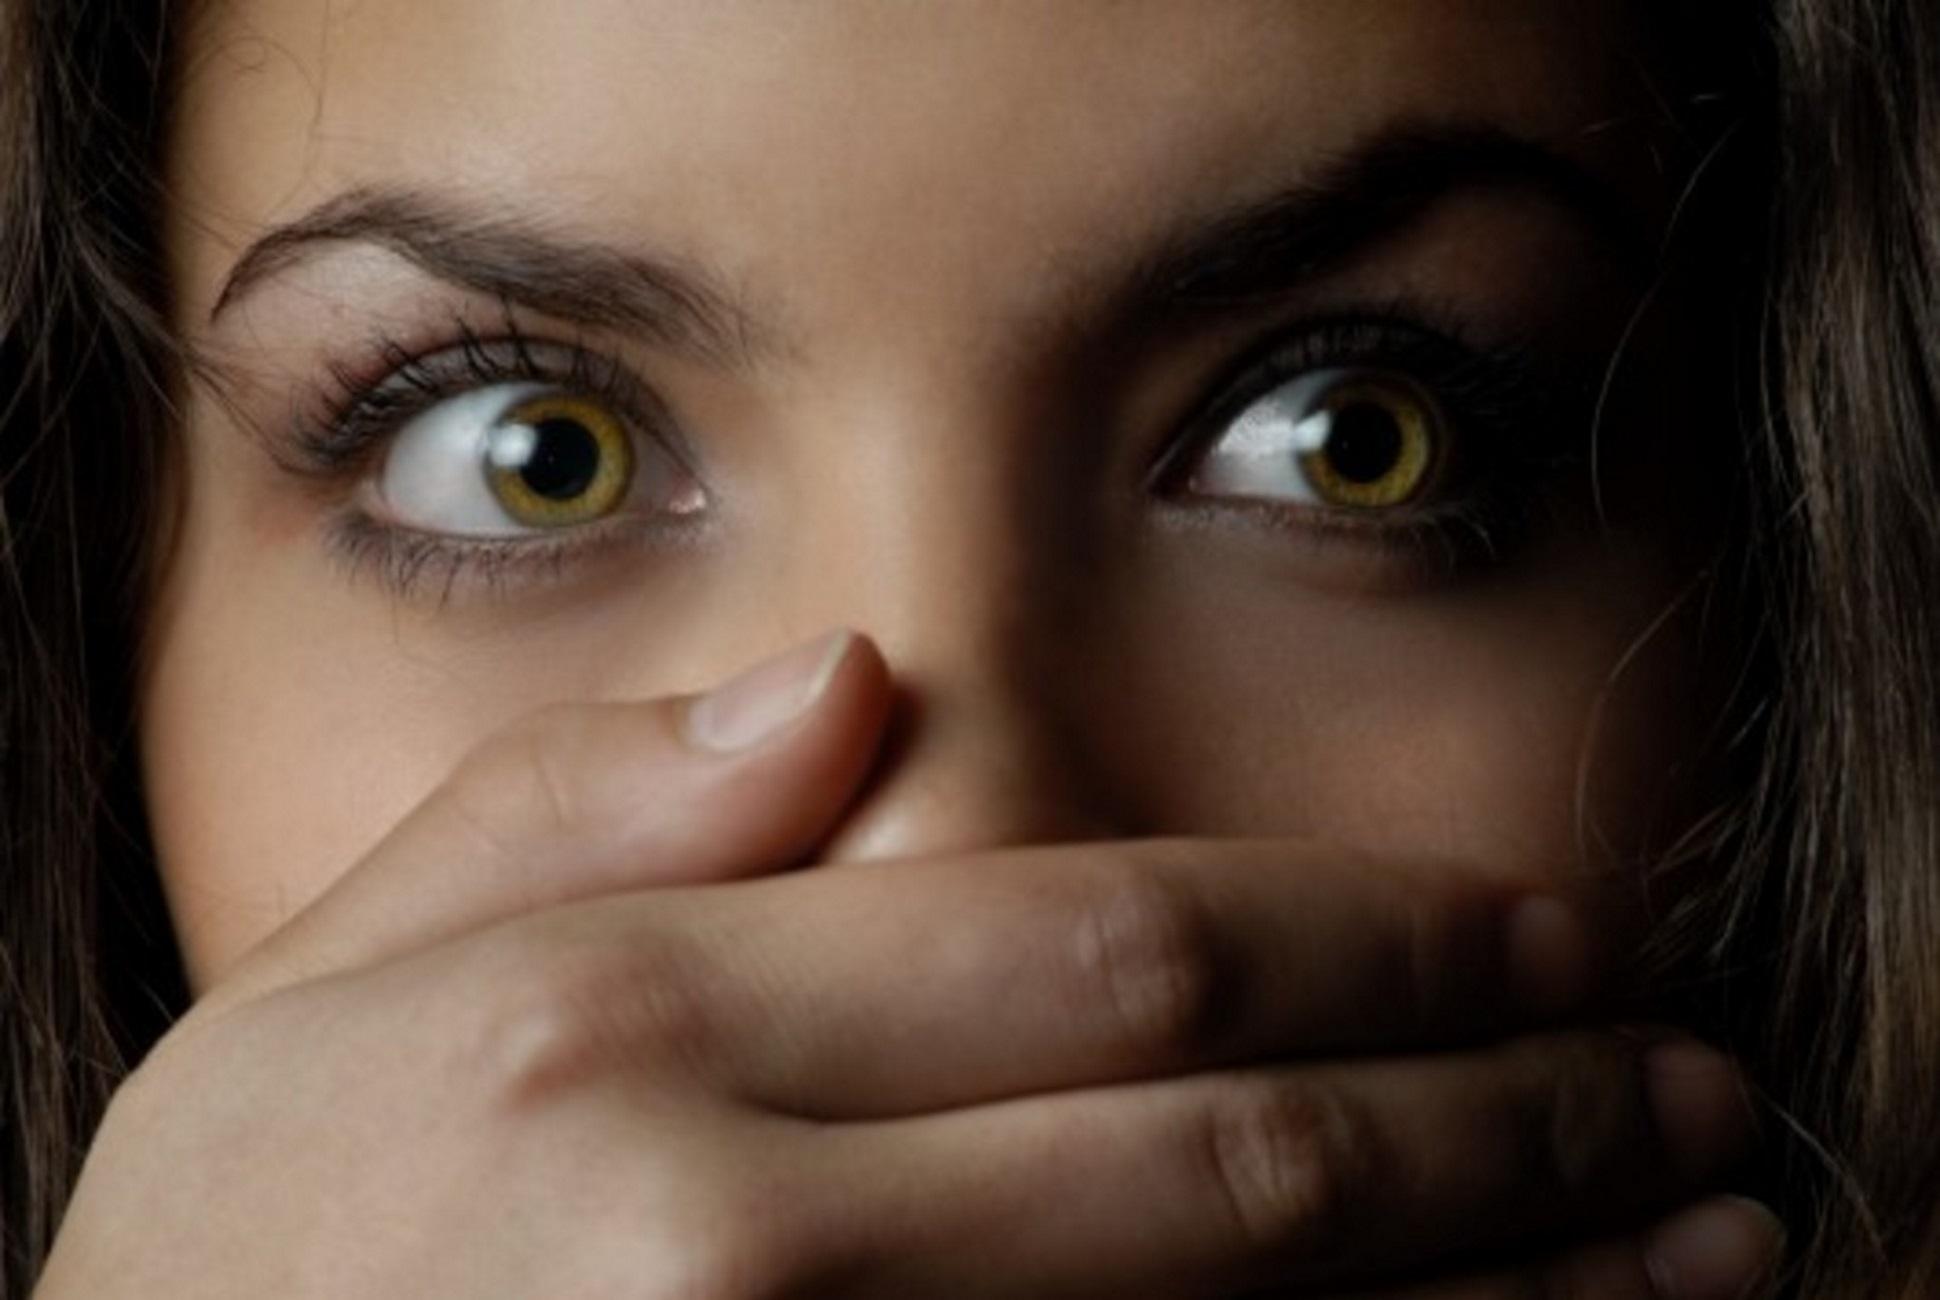 Ρόδος: Η καταγγελία για ομαδικό βιασμό της γύρισε μπούμερανγκ – Η έρευνα έκρυβε δυσάρεστες εκπλήξεις για την ίδια